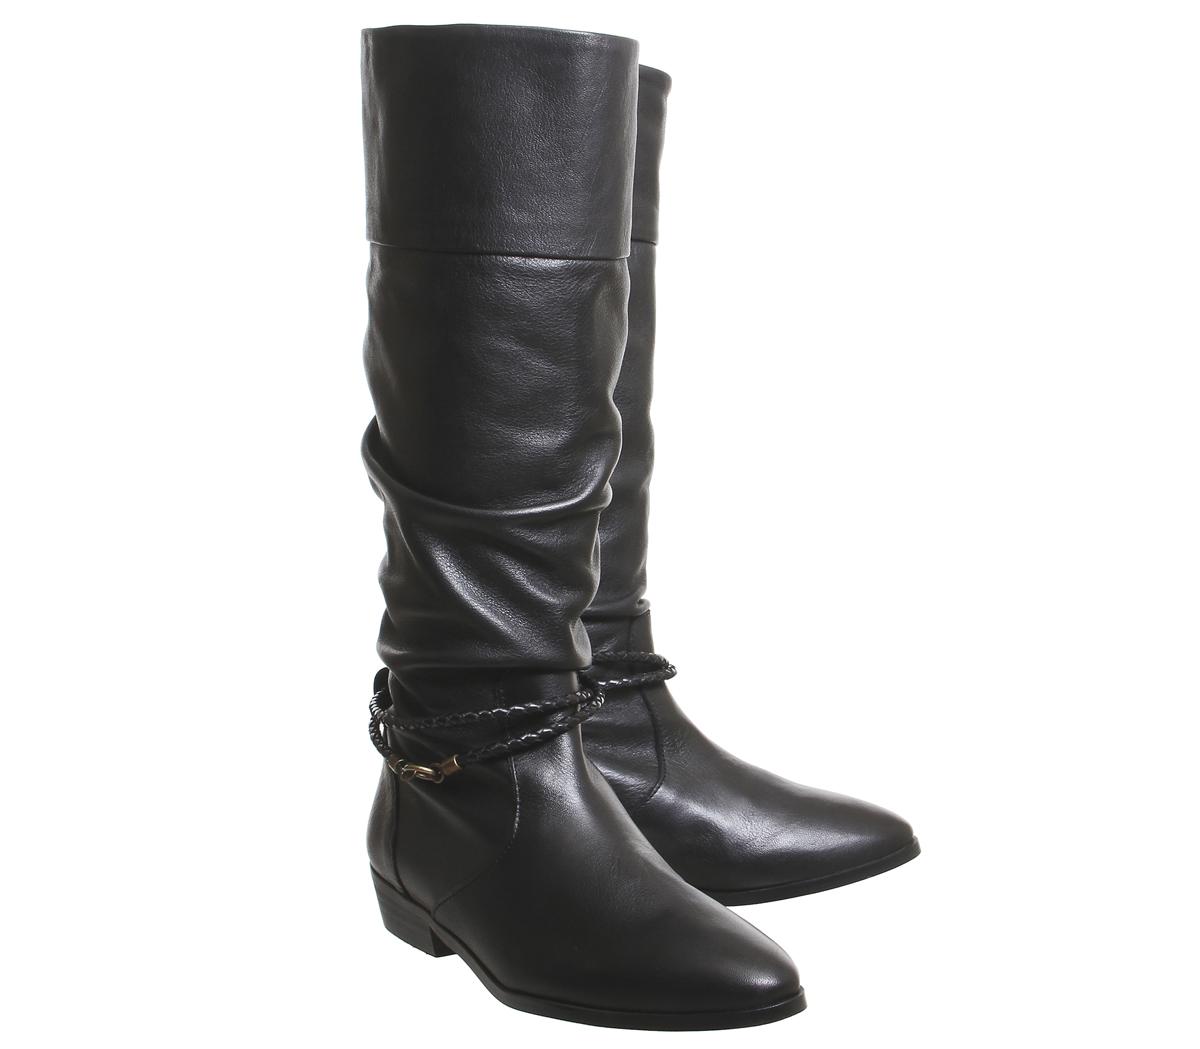 Damenschuhe Office Kassie Vintage Stiefel Ruched Knee Stiefel Vintage BLACK LEATHER Stiefel bf627e